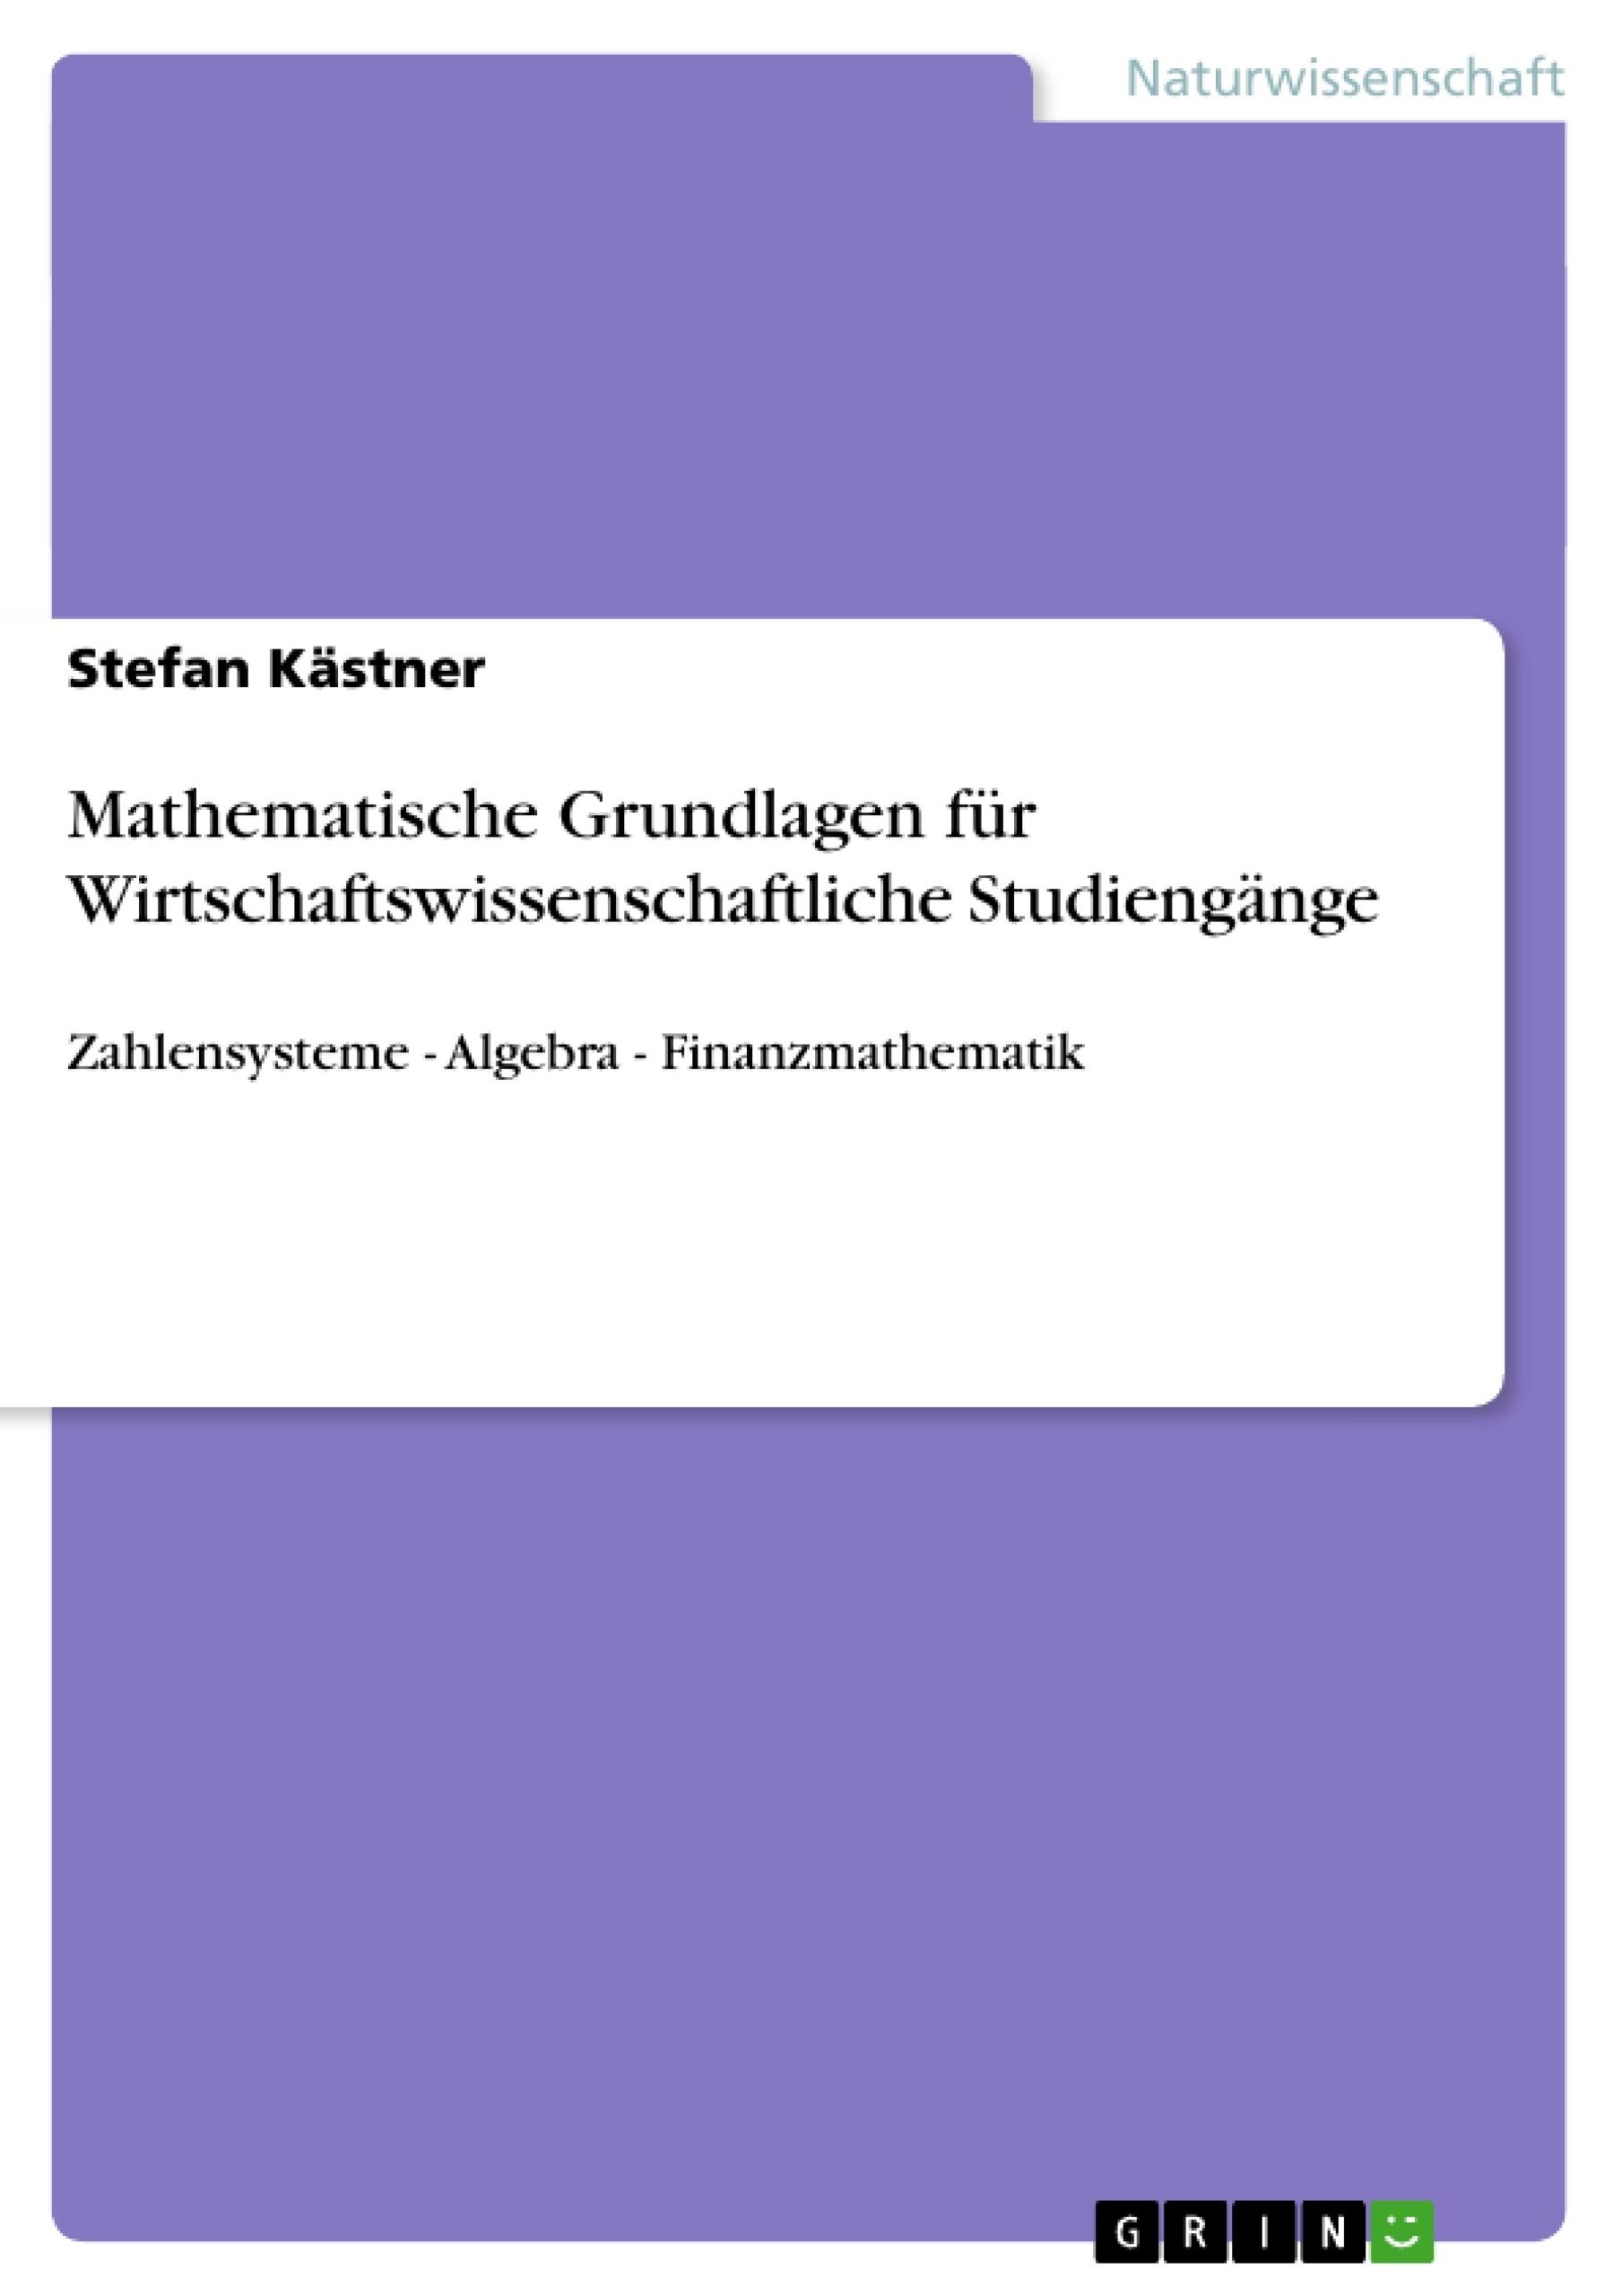 Titel: Mathematische Grundlagen für Wirtschaftswissenschaftliche Studiengänge